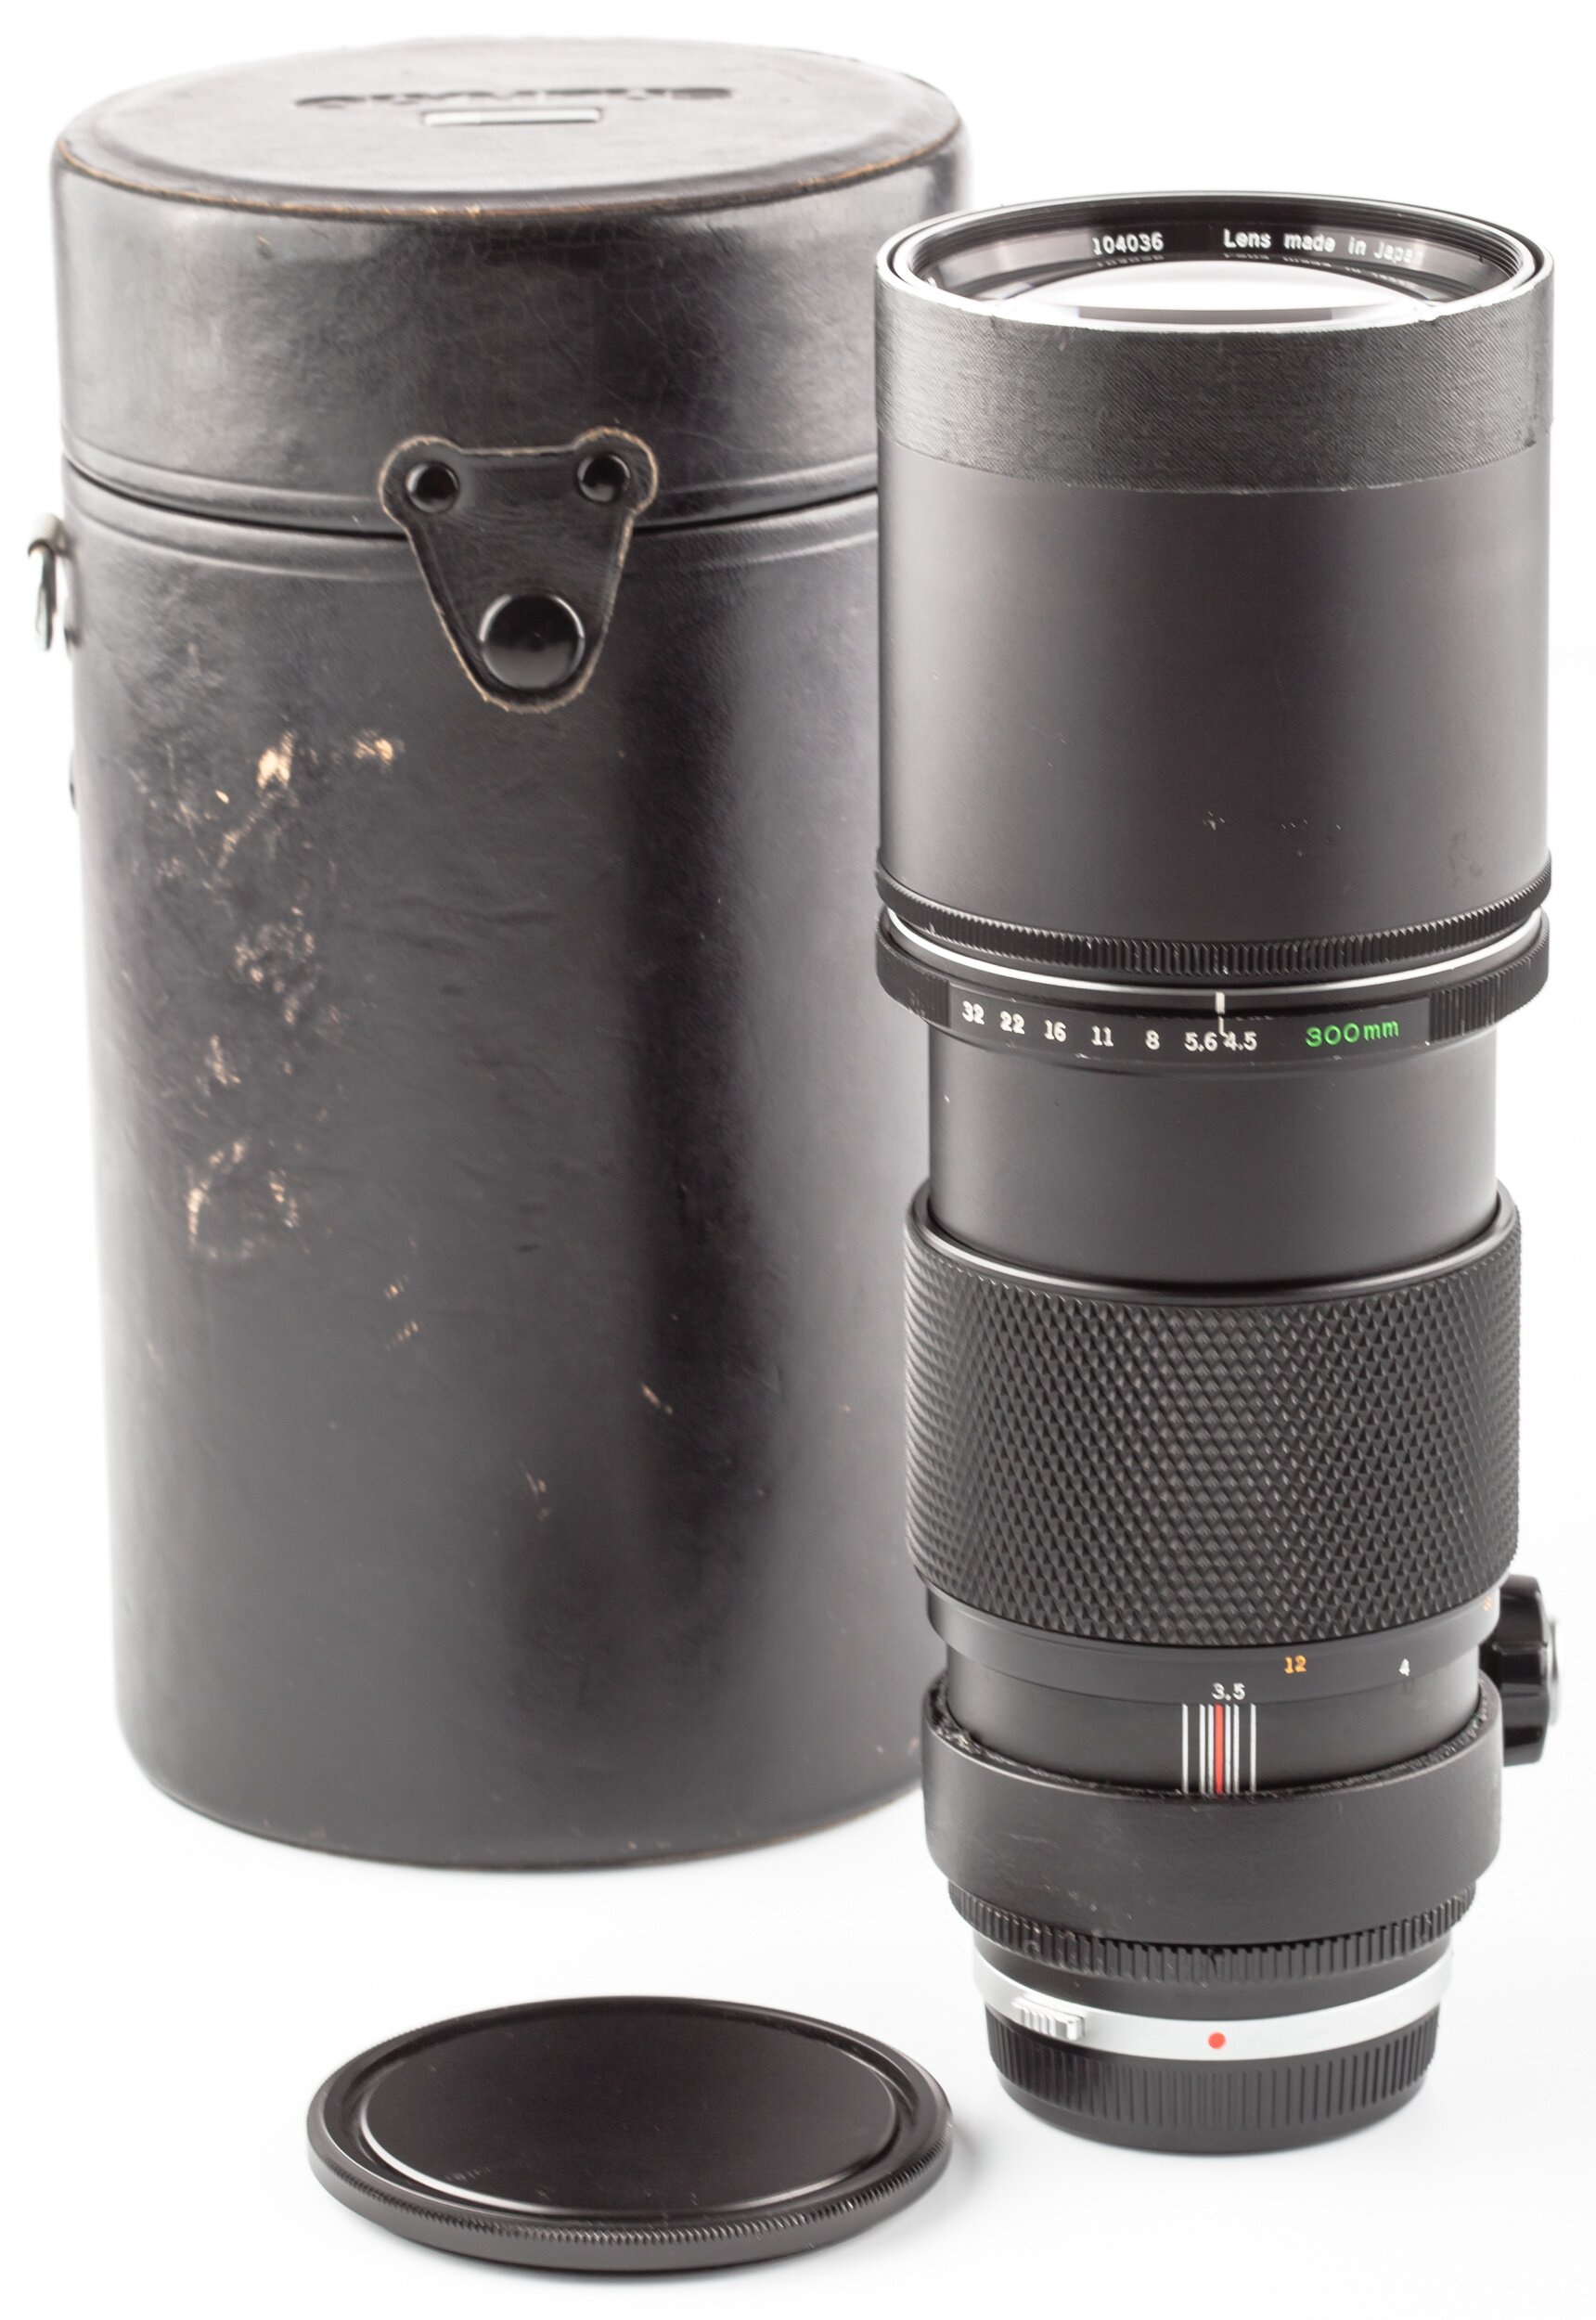 Olympus OM 300mm 4,5 Auto-T F.Zuiko